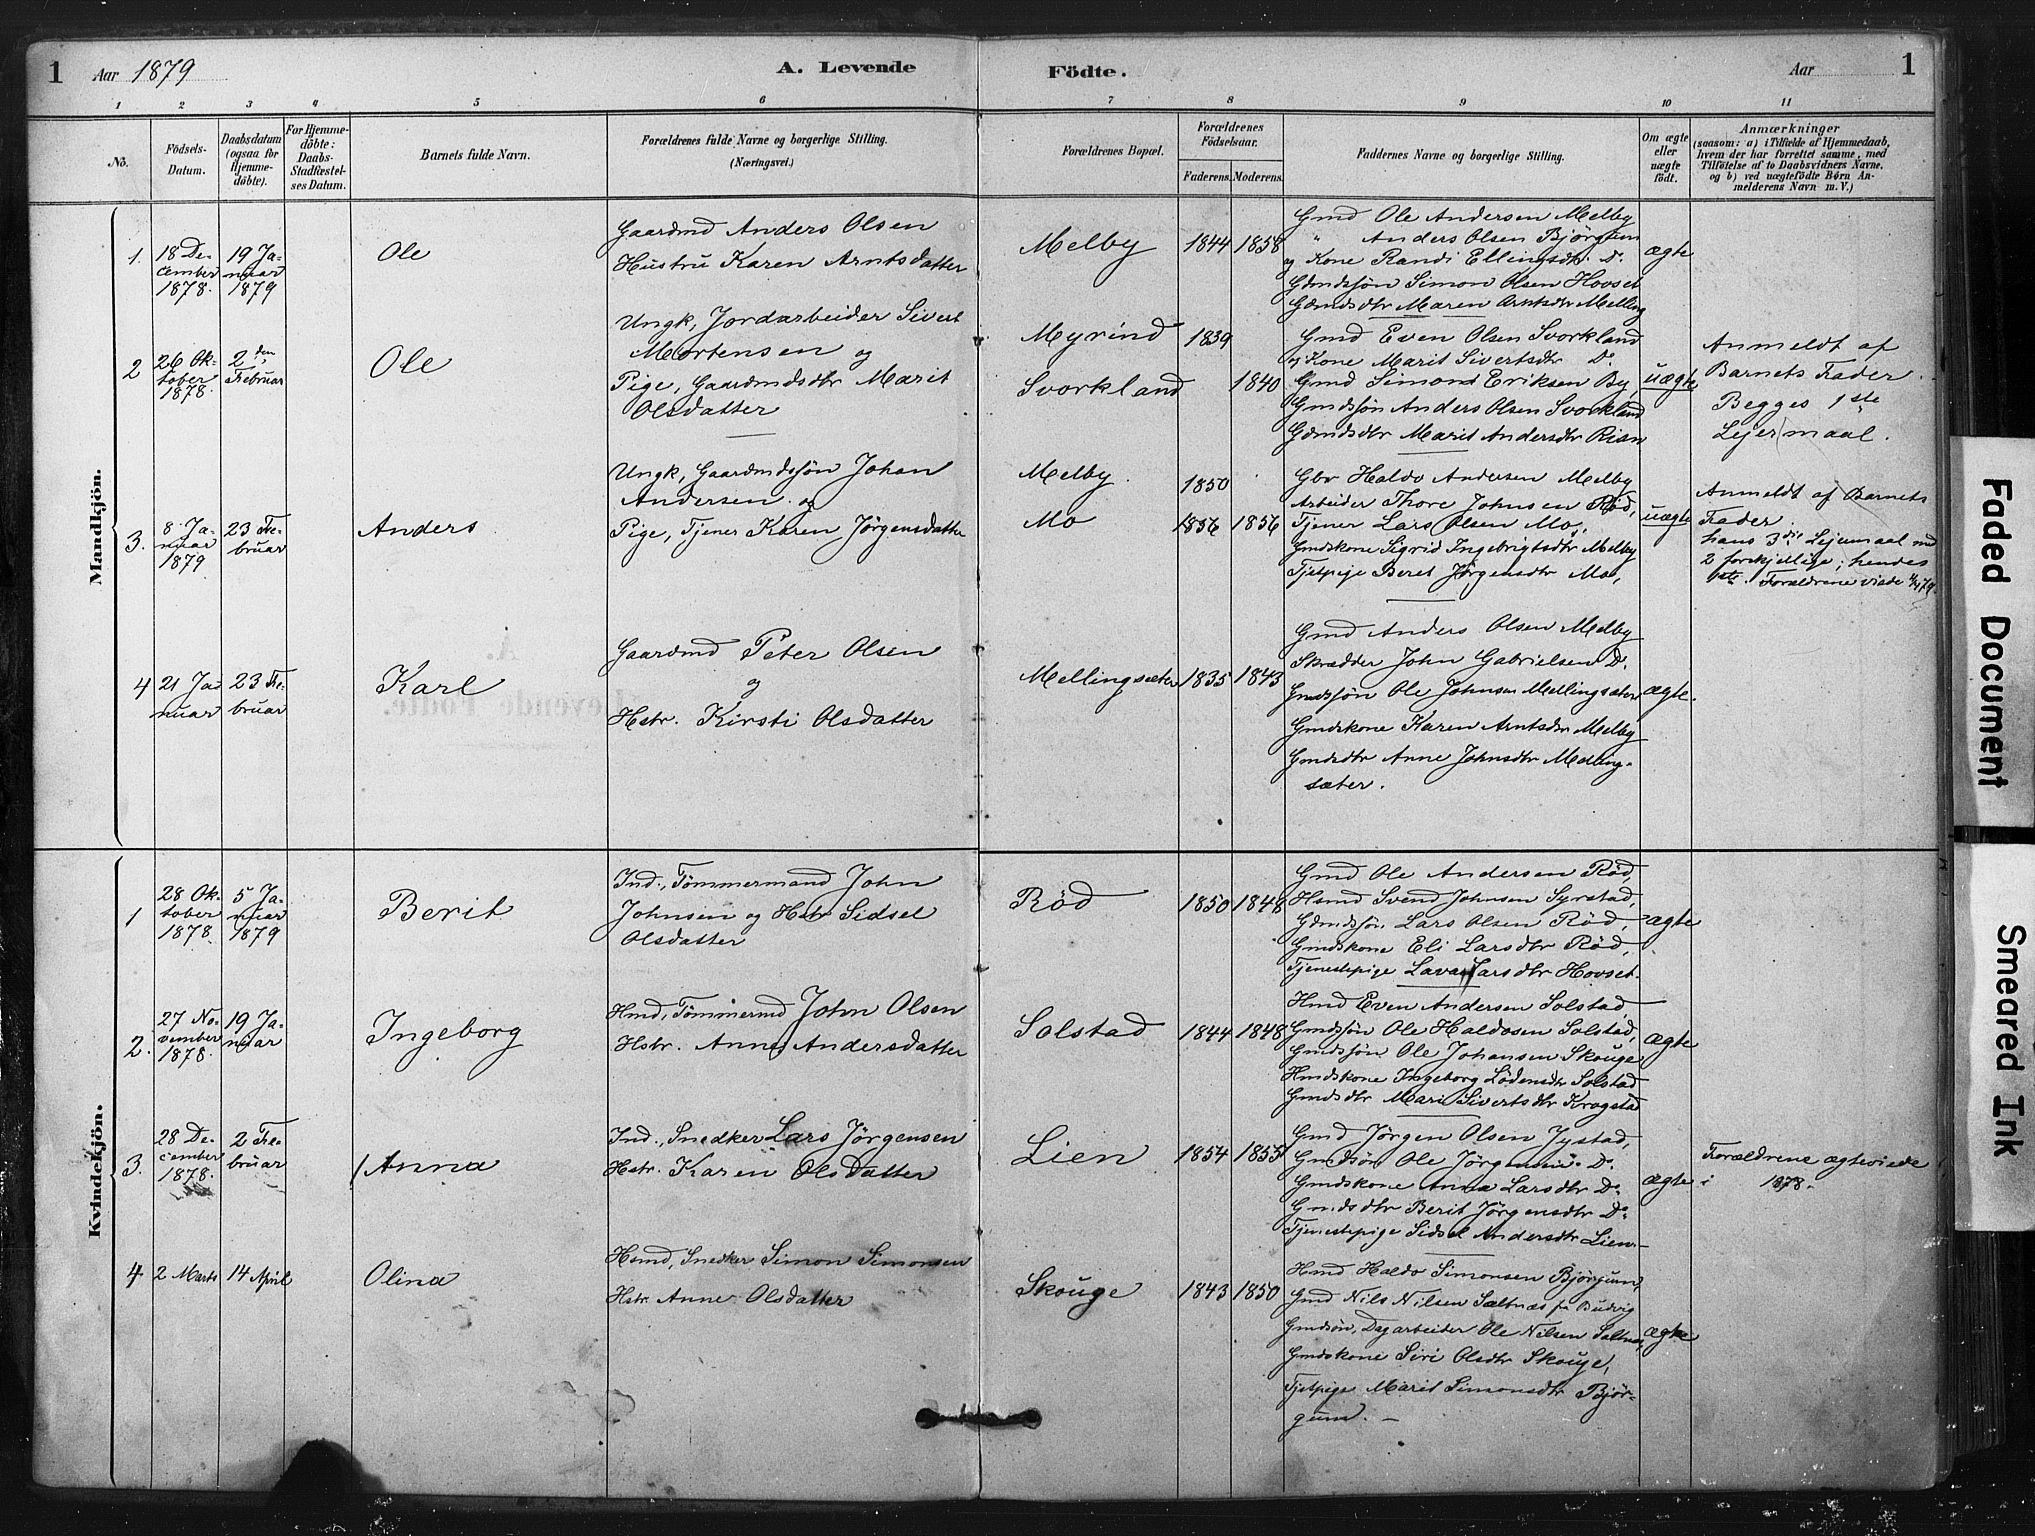 SAT, Ministerialprotokoller, klokkerbøker og fødselsregistre - Sør-Trøndelag, 667/L0795: Ministerialbok nr. 667A03, 1879-1907, s. 1